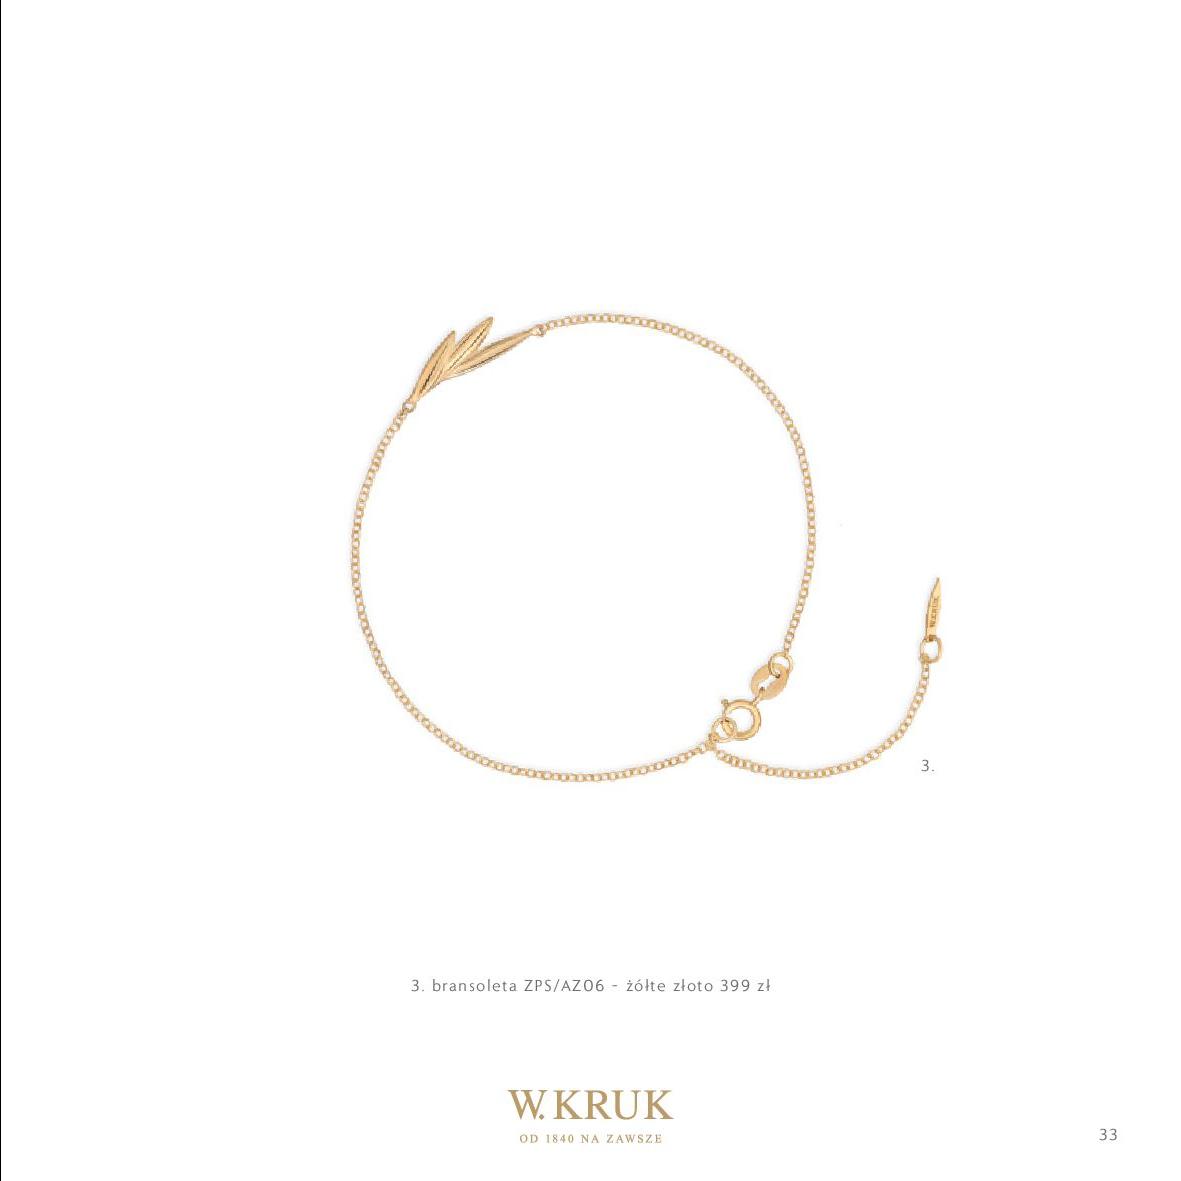 Gazetka W. KRUK: Katalog - Kolekcja Przyjaźń 2021-02-17 page-35